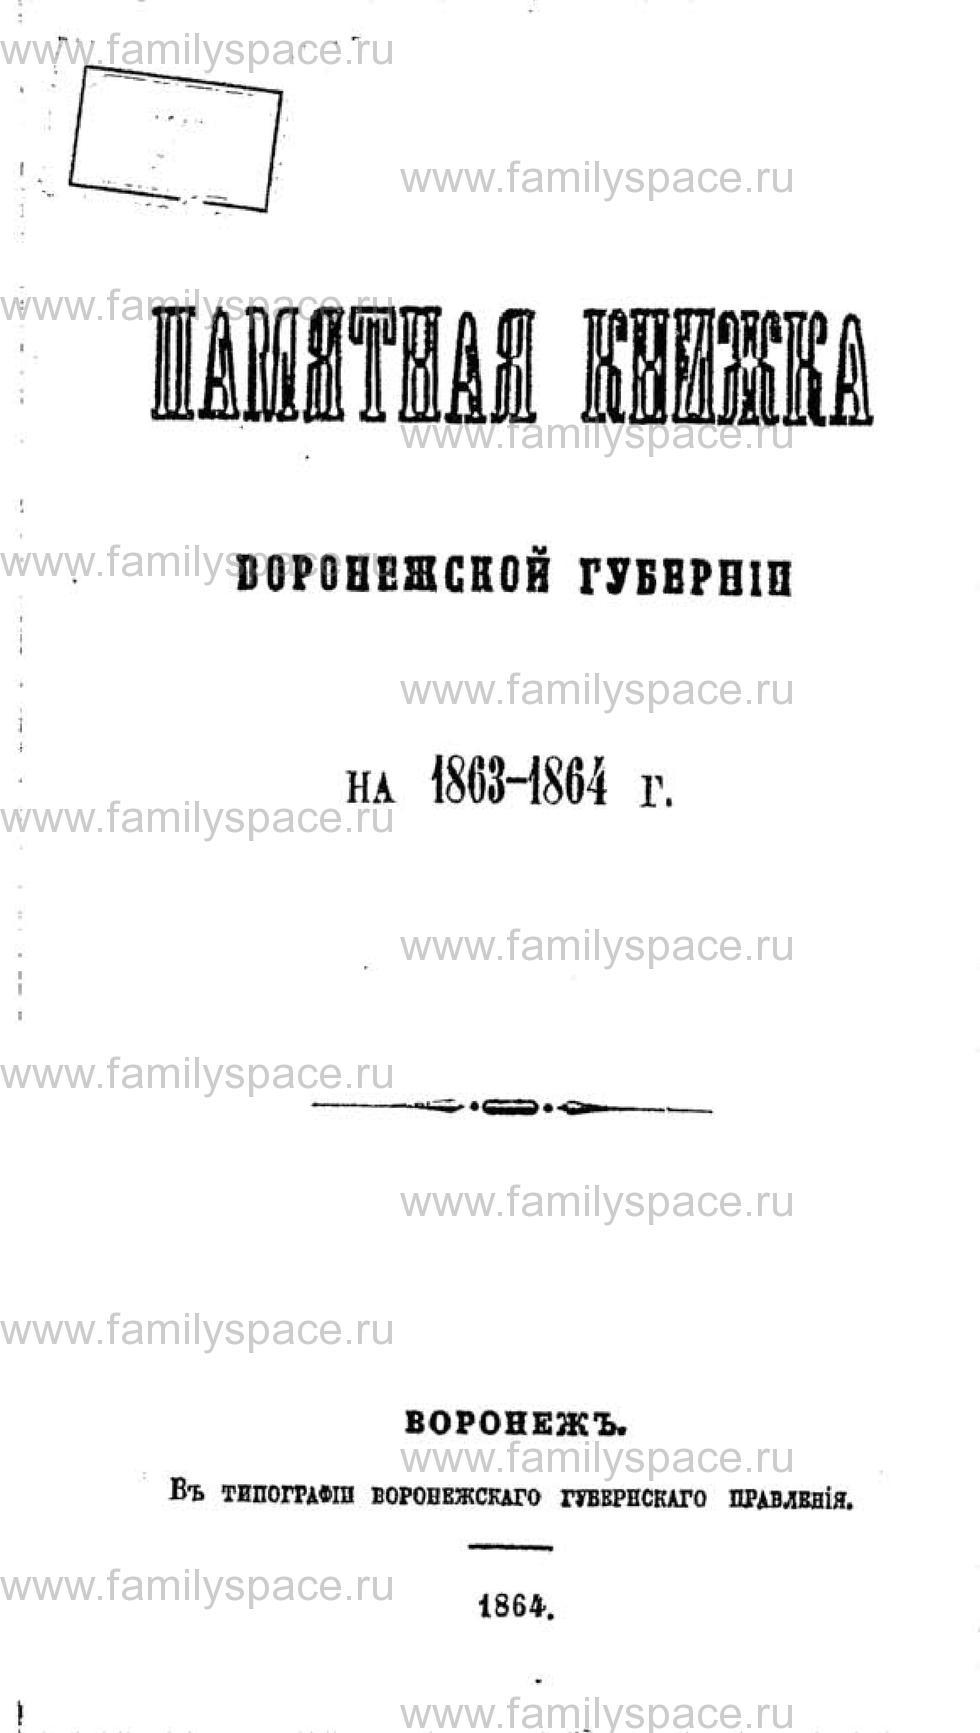 Поиск по фамилии - Памятная книжка Воронежской губернии на 1863-1864 годы, страница -5